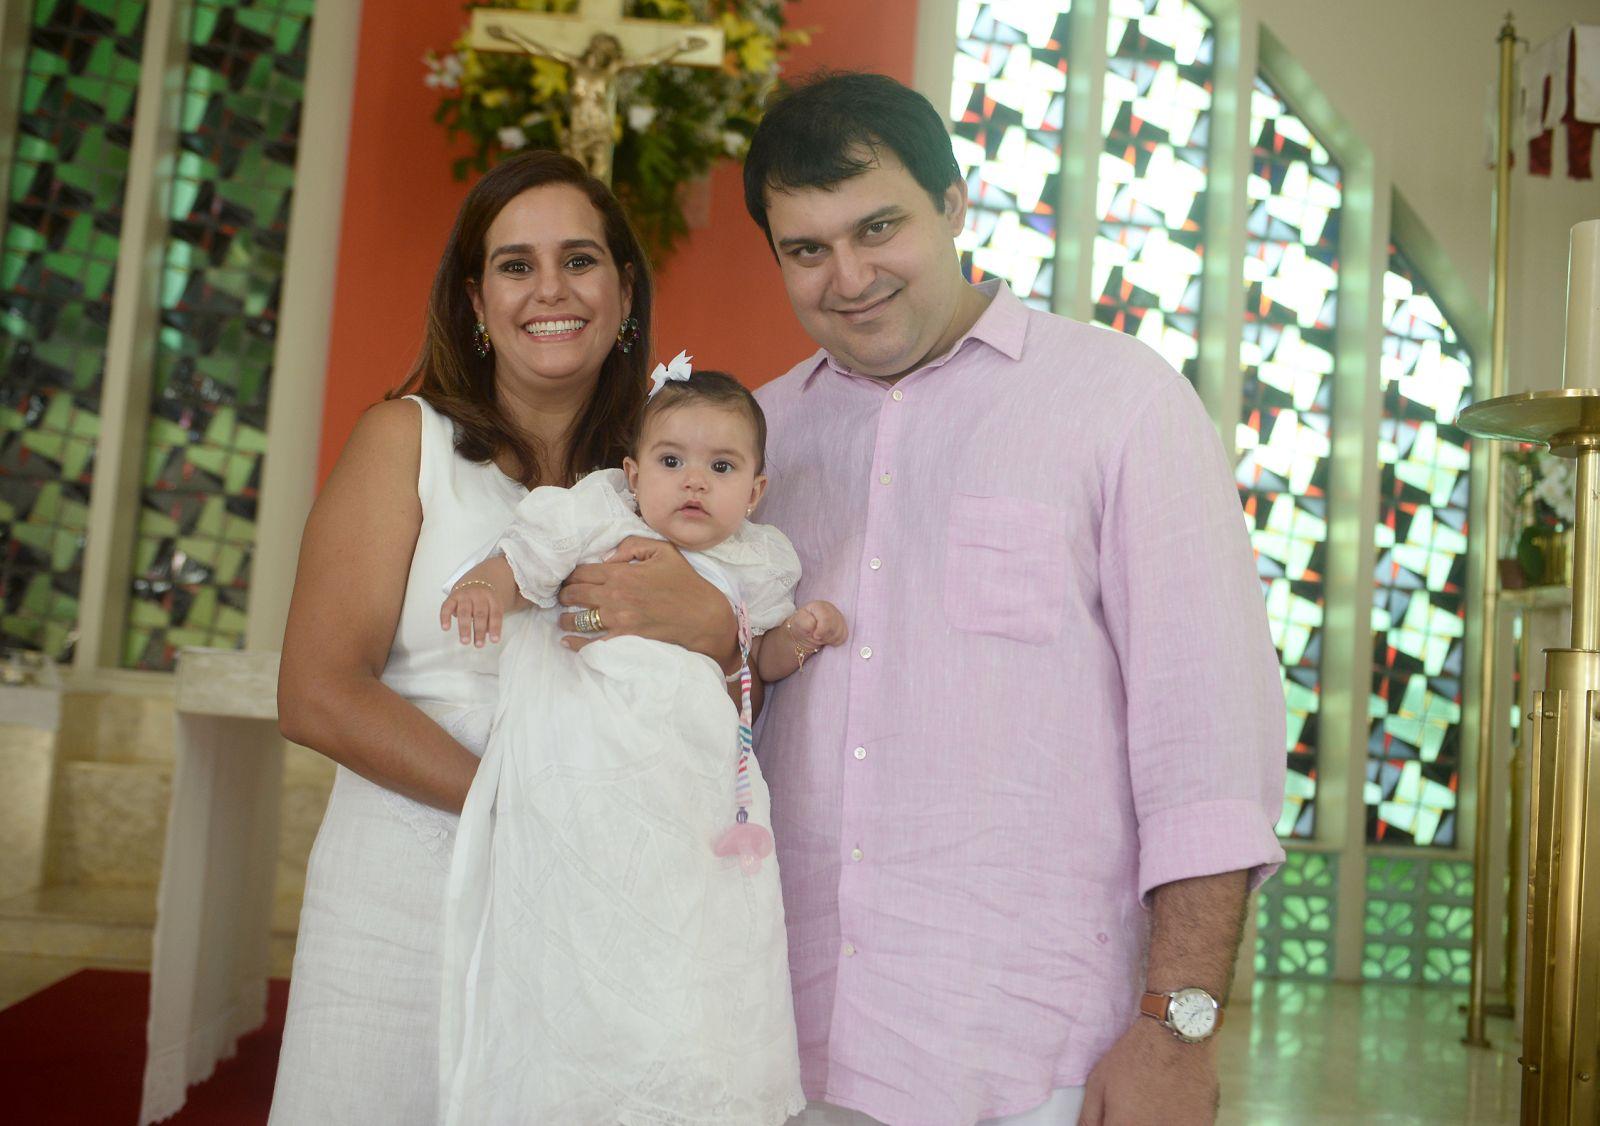 Batizado de Maria Luiza Silva Valero, na foto ela está com seus pais Priscila Silva Valero e Bruno Valero